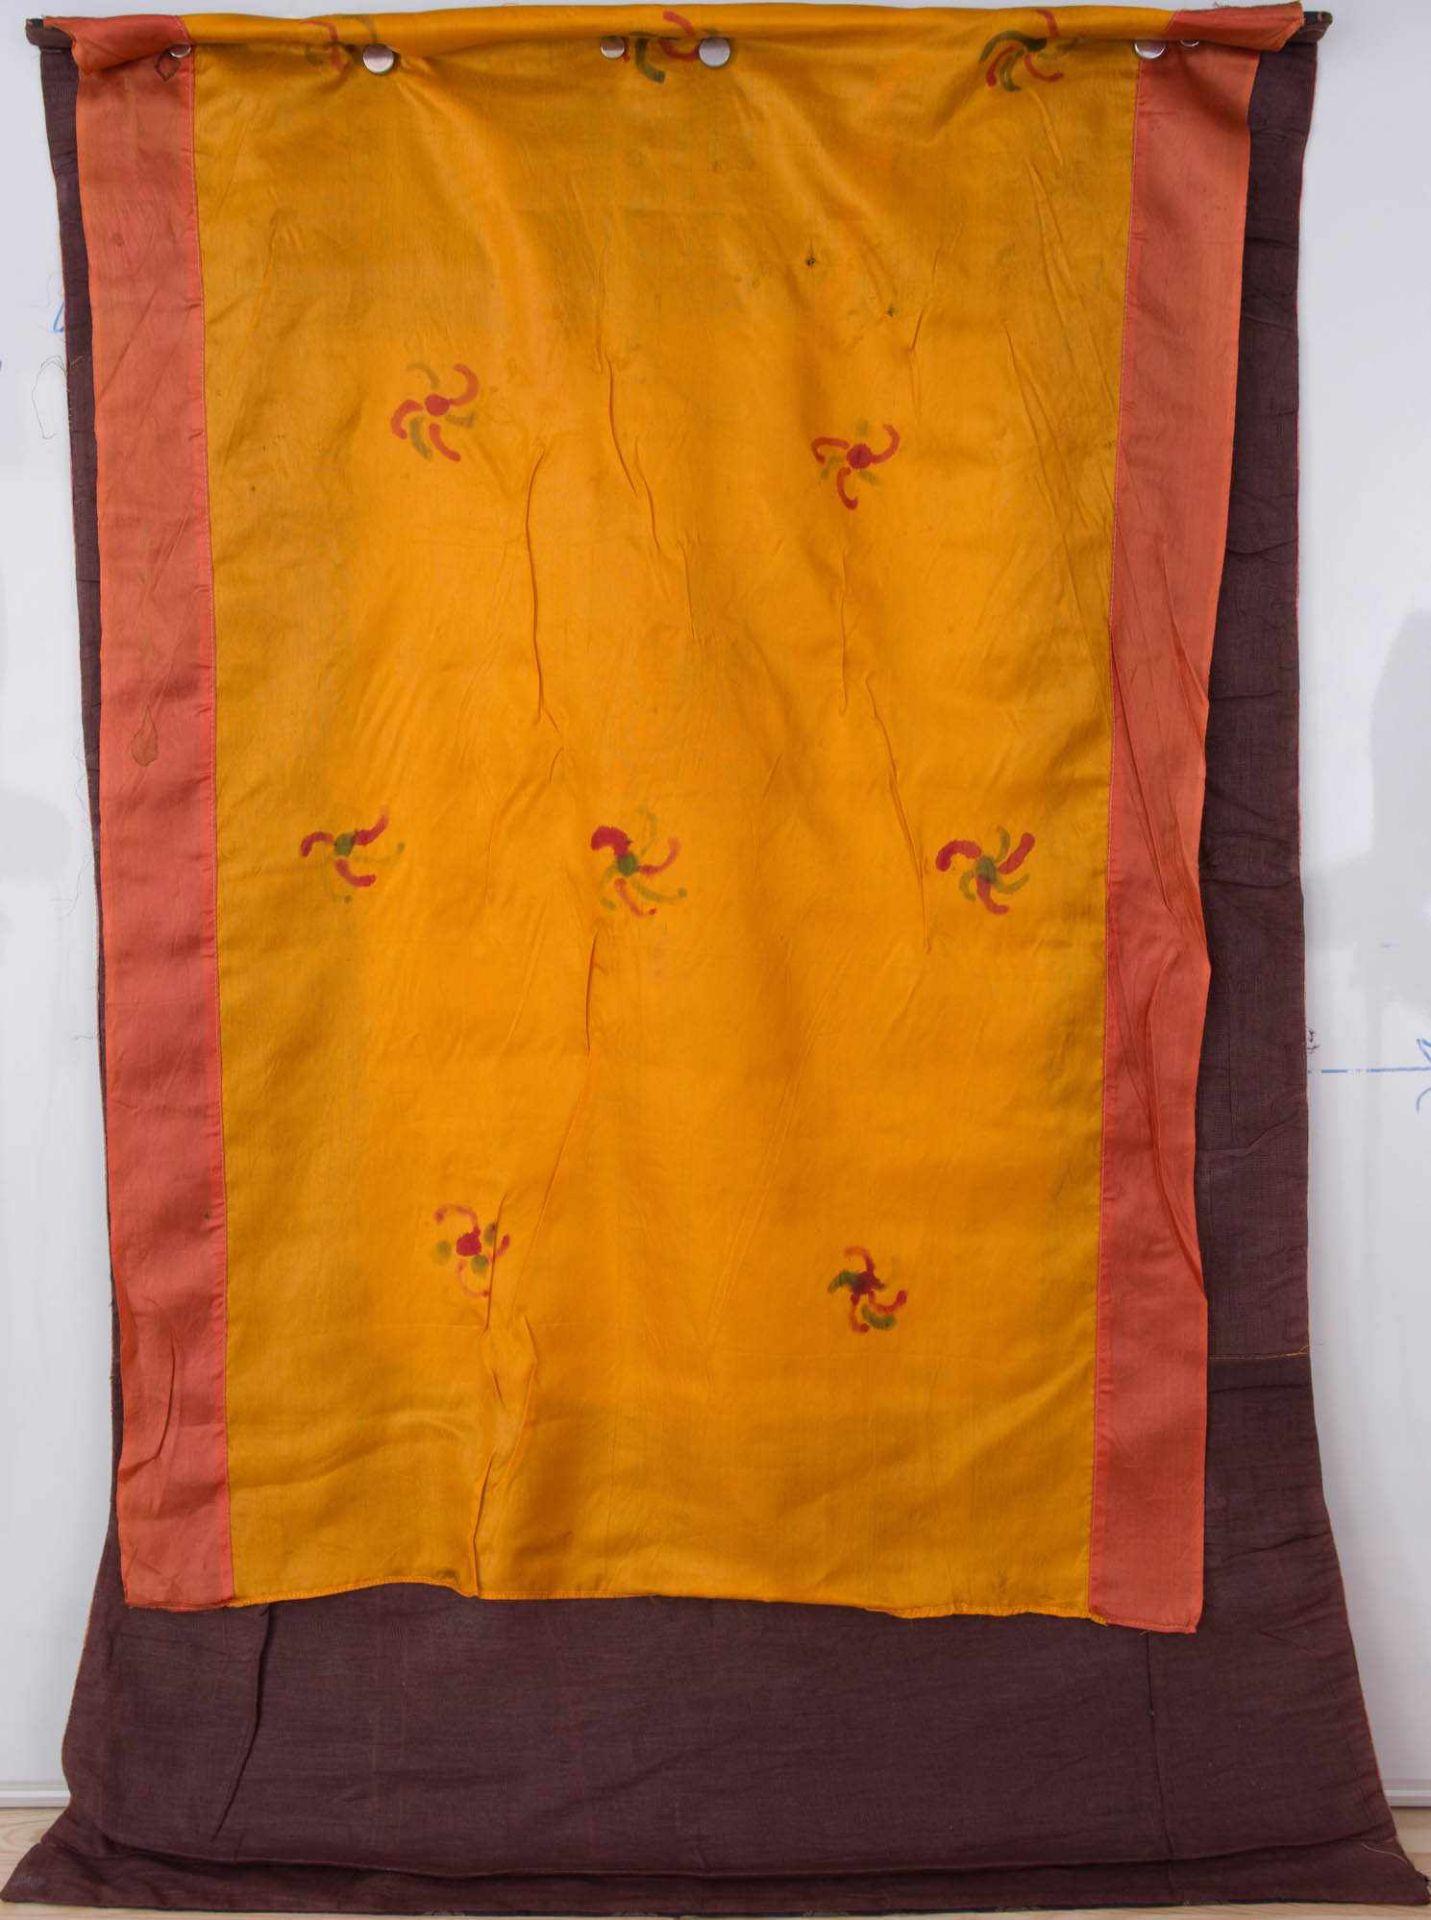 Los 3 - FARBENFROHER THANGKA AUS LEINEN UND SEIDE,Tibet 19.Jahrhundert. Thangka mit kräftgen Farben und